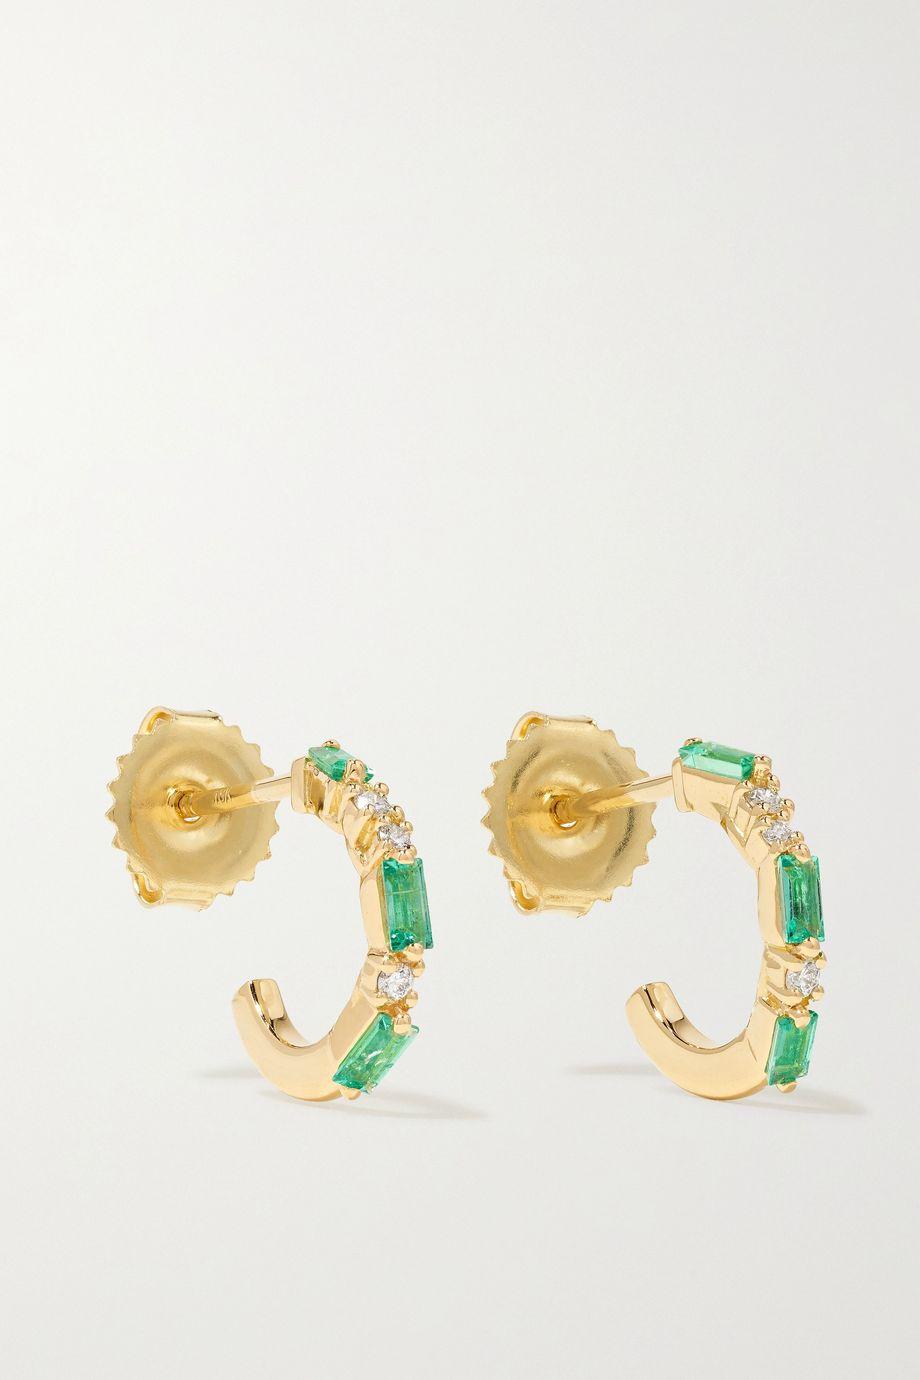 Suzanne Kalan Boucles d'oreilles en or 18 carats, émeraudes et diamants